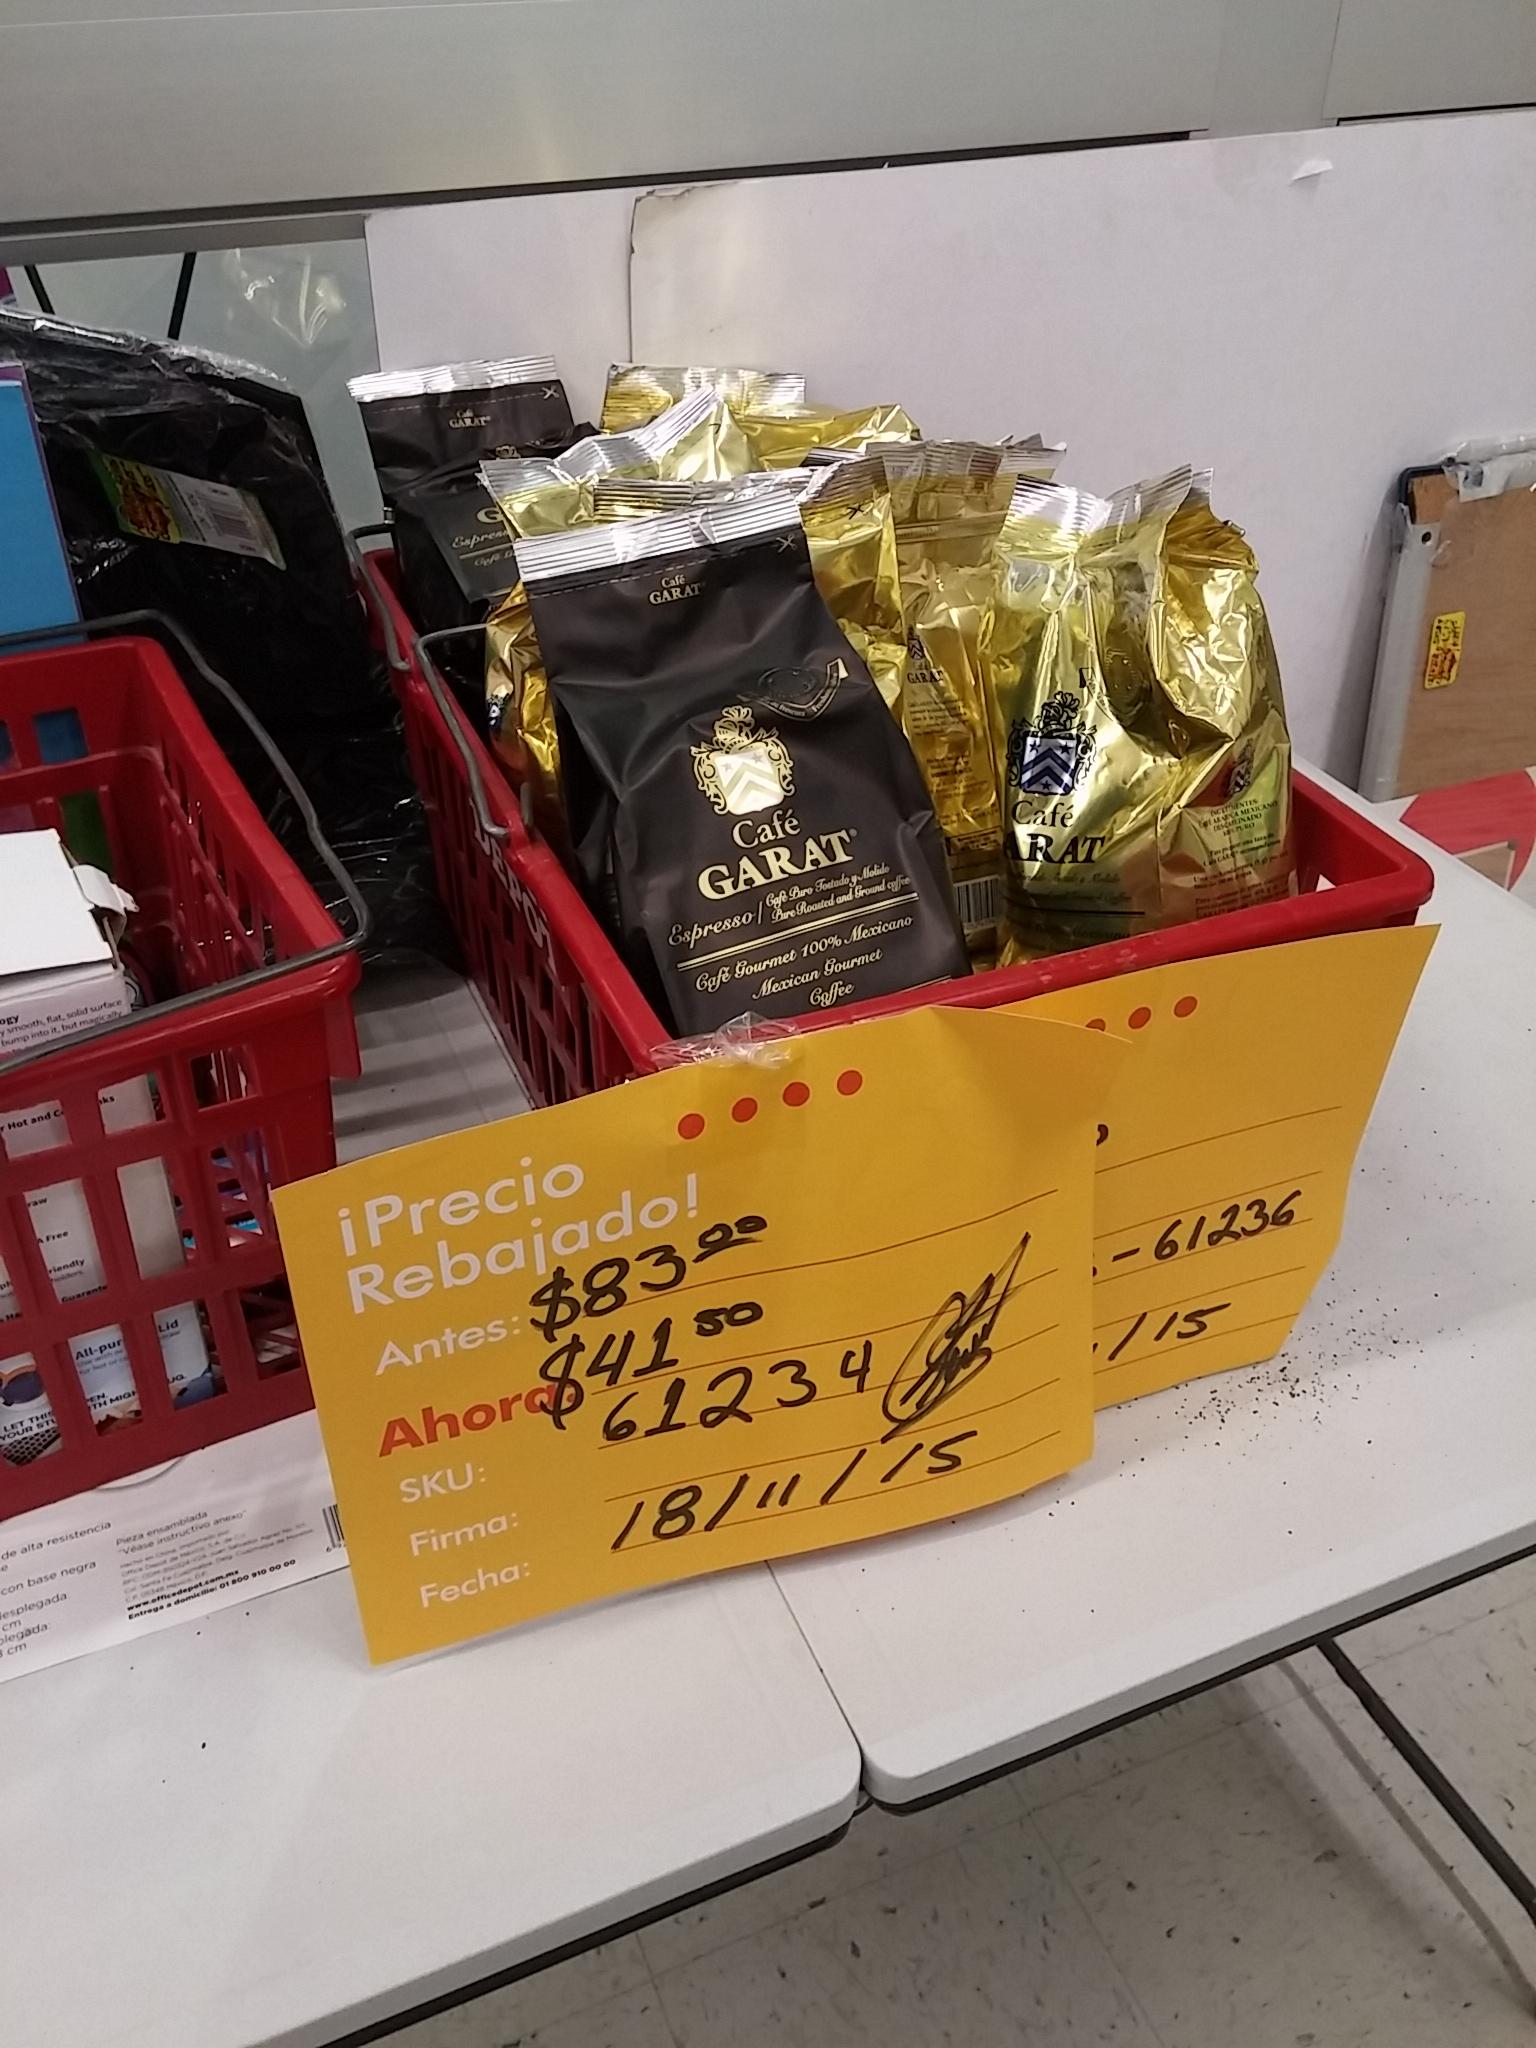 Office Depot: Bolsa de Café Garat de 450g a $41.50